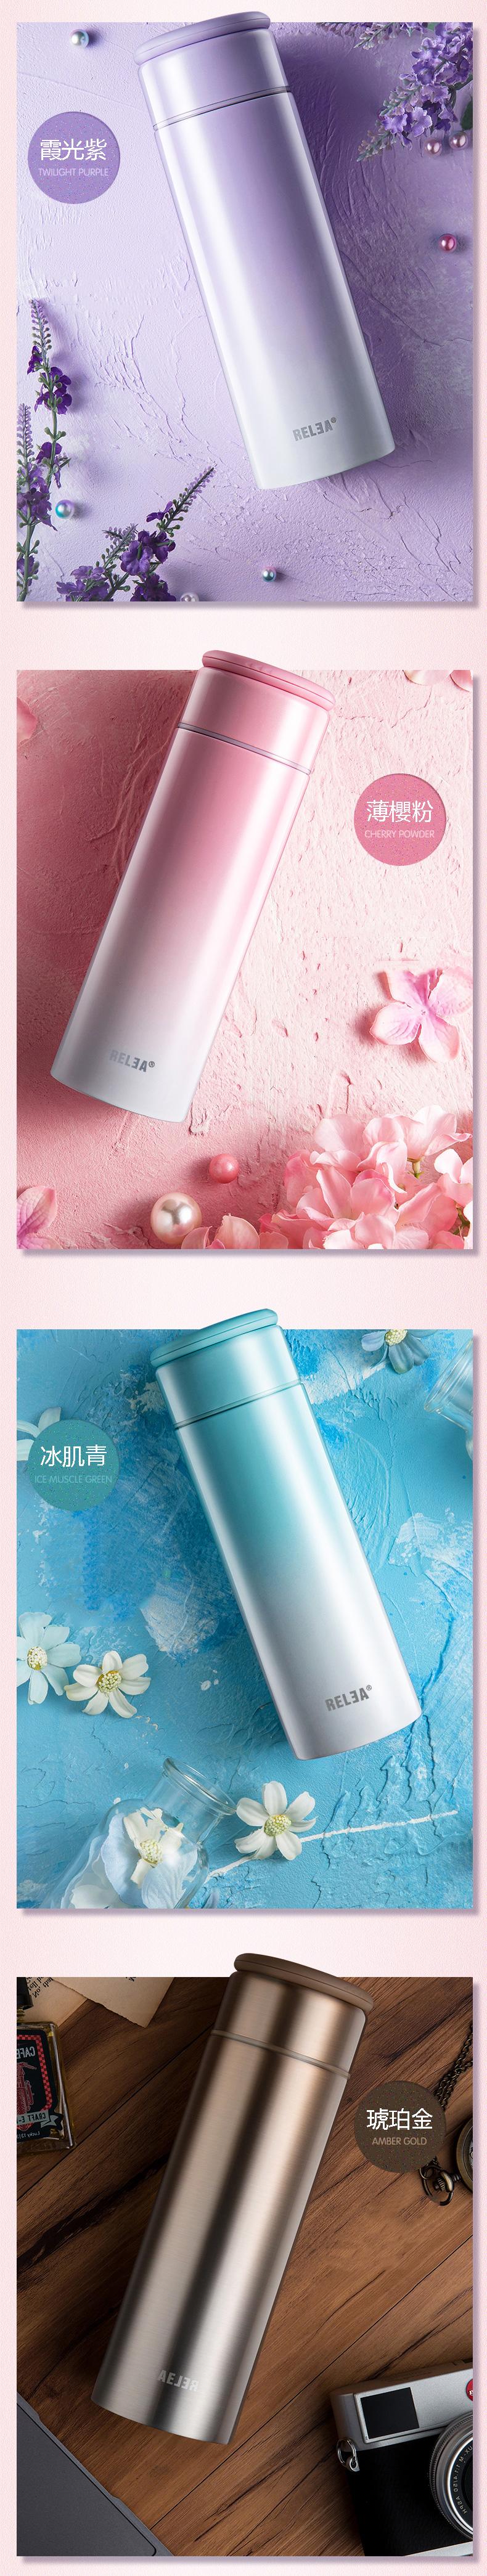 【可雷雕圖案文字】創意小物館 夢幻情人漸層不鏽鋼保溫對杯組(精裝禮盒版) 薄櫻粉+琥珀金